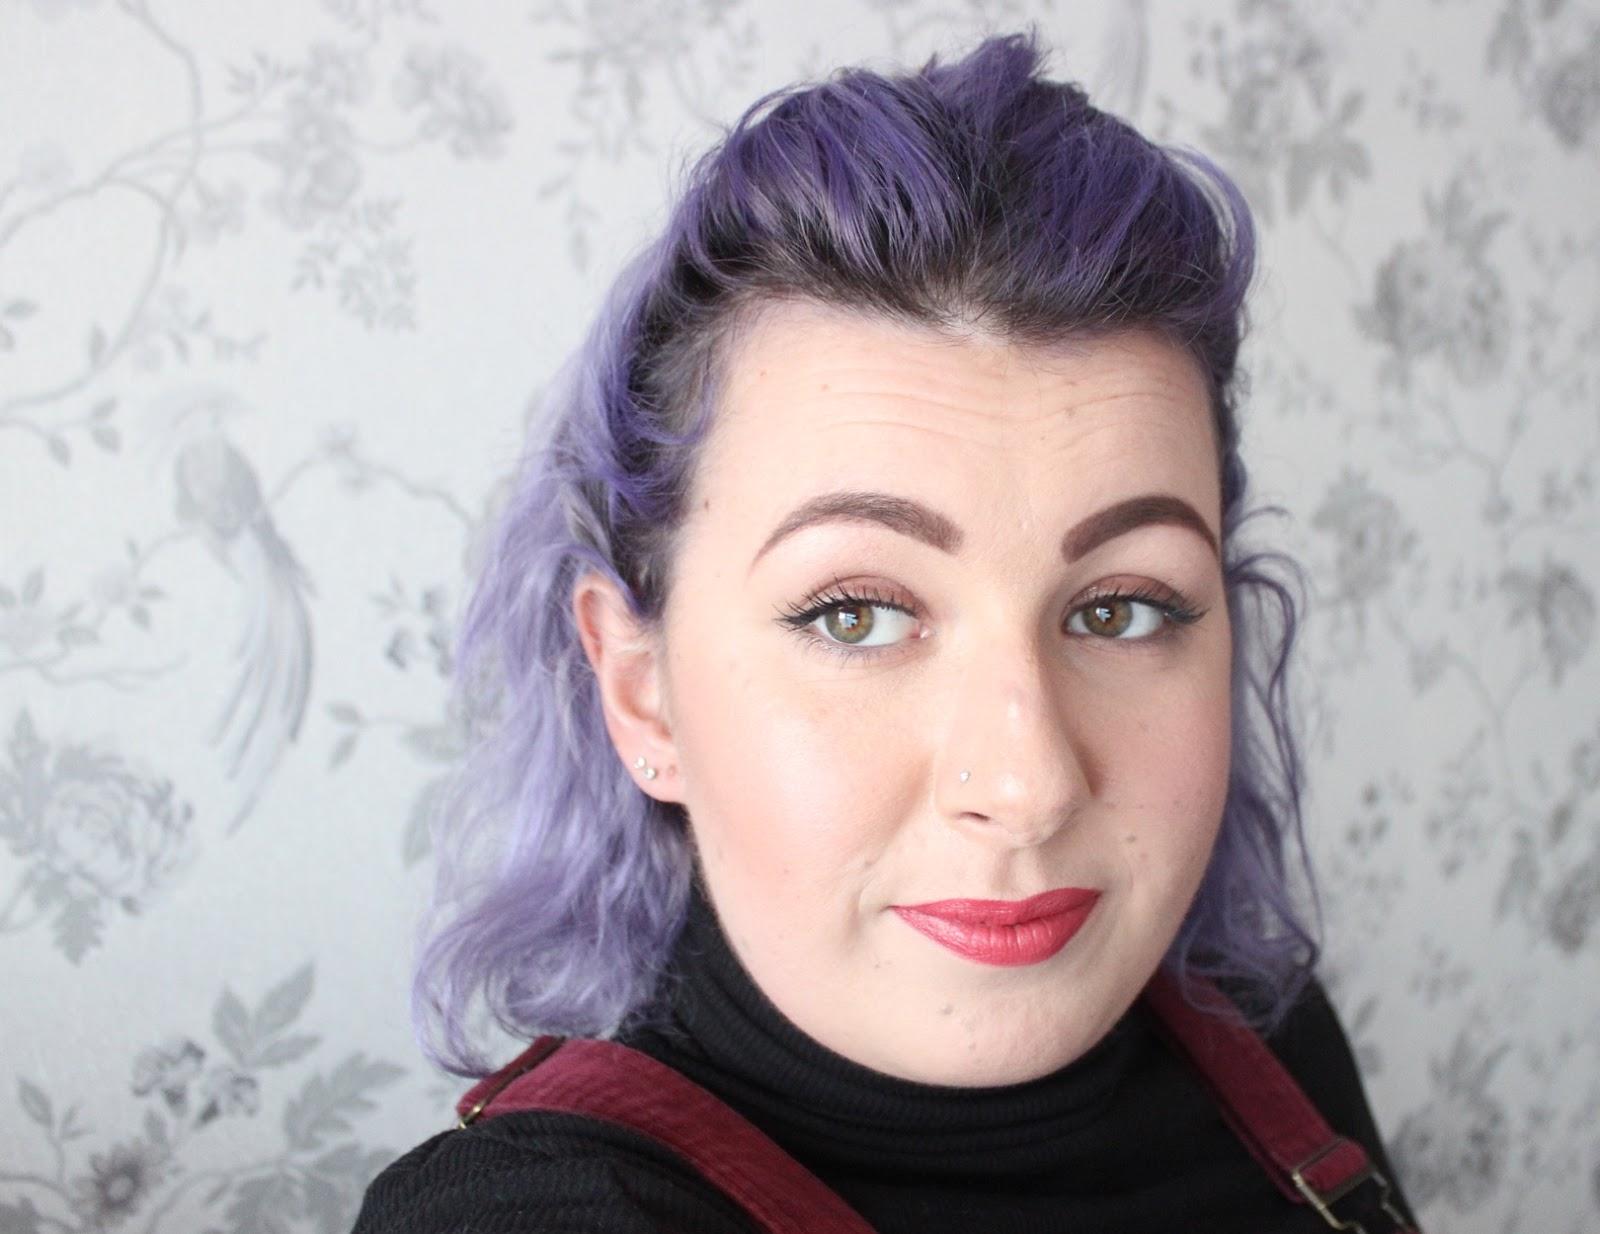 Estée Lauder Pure Color Envy Sculpting Lipstick - Rebellious Rose review